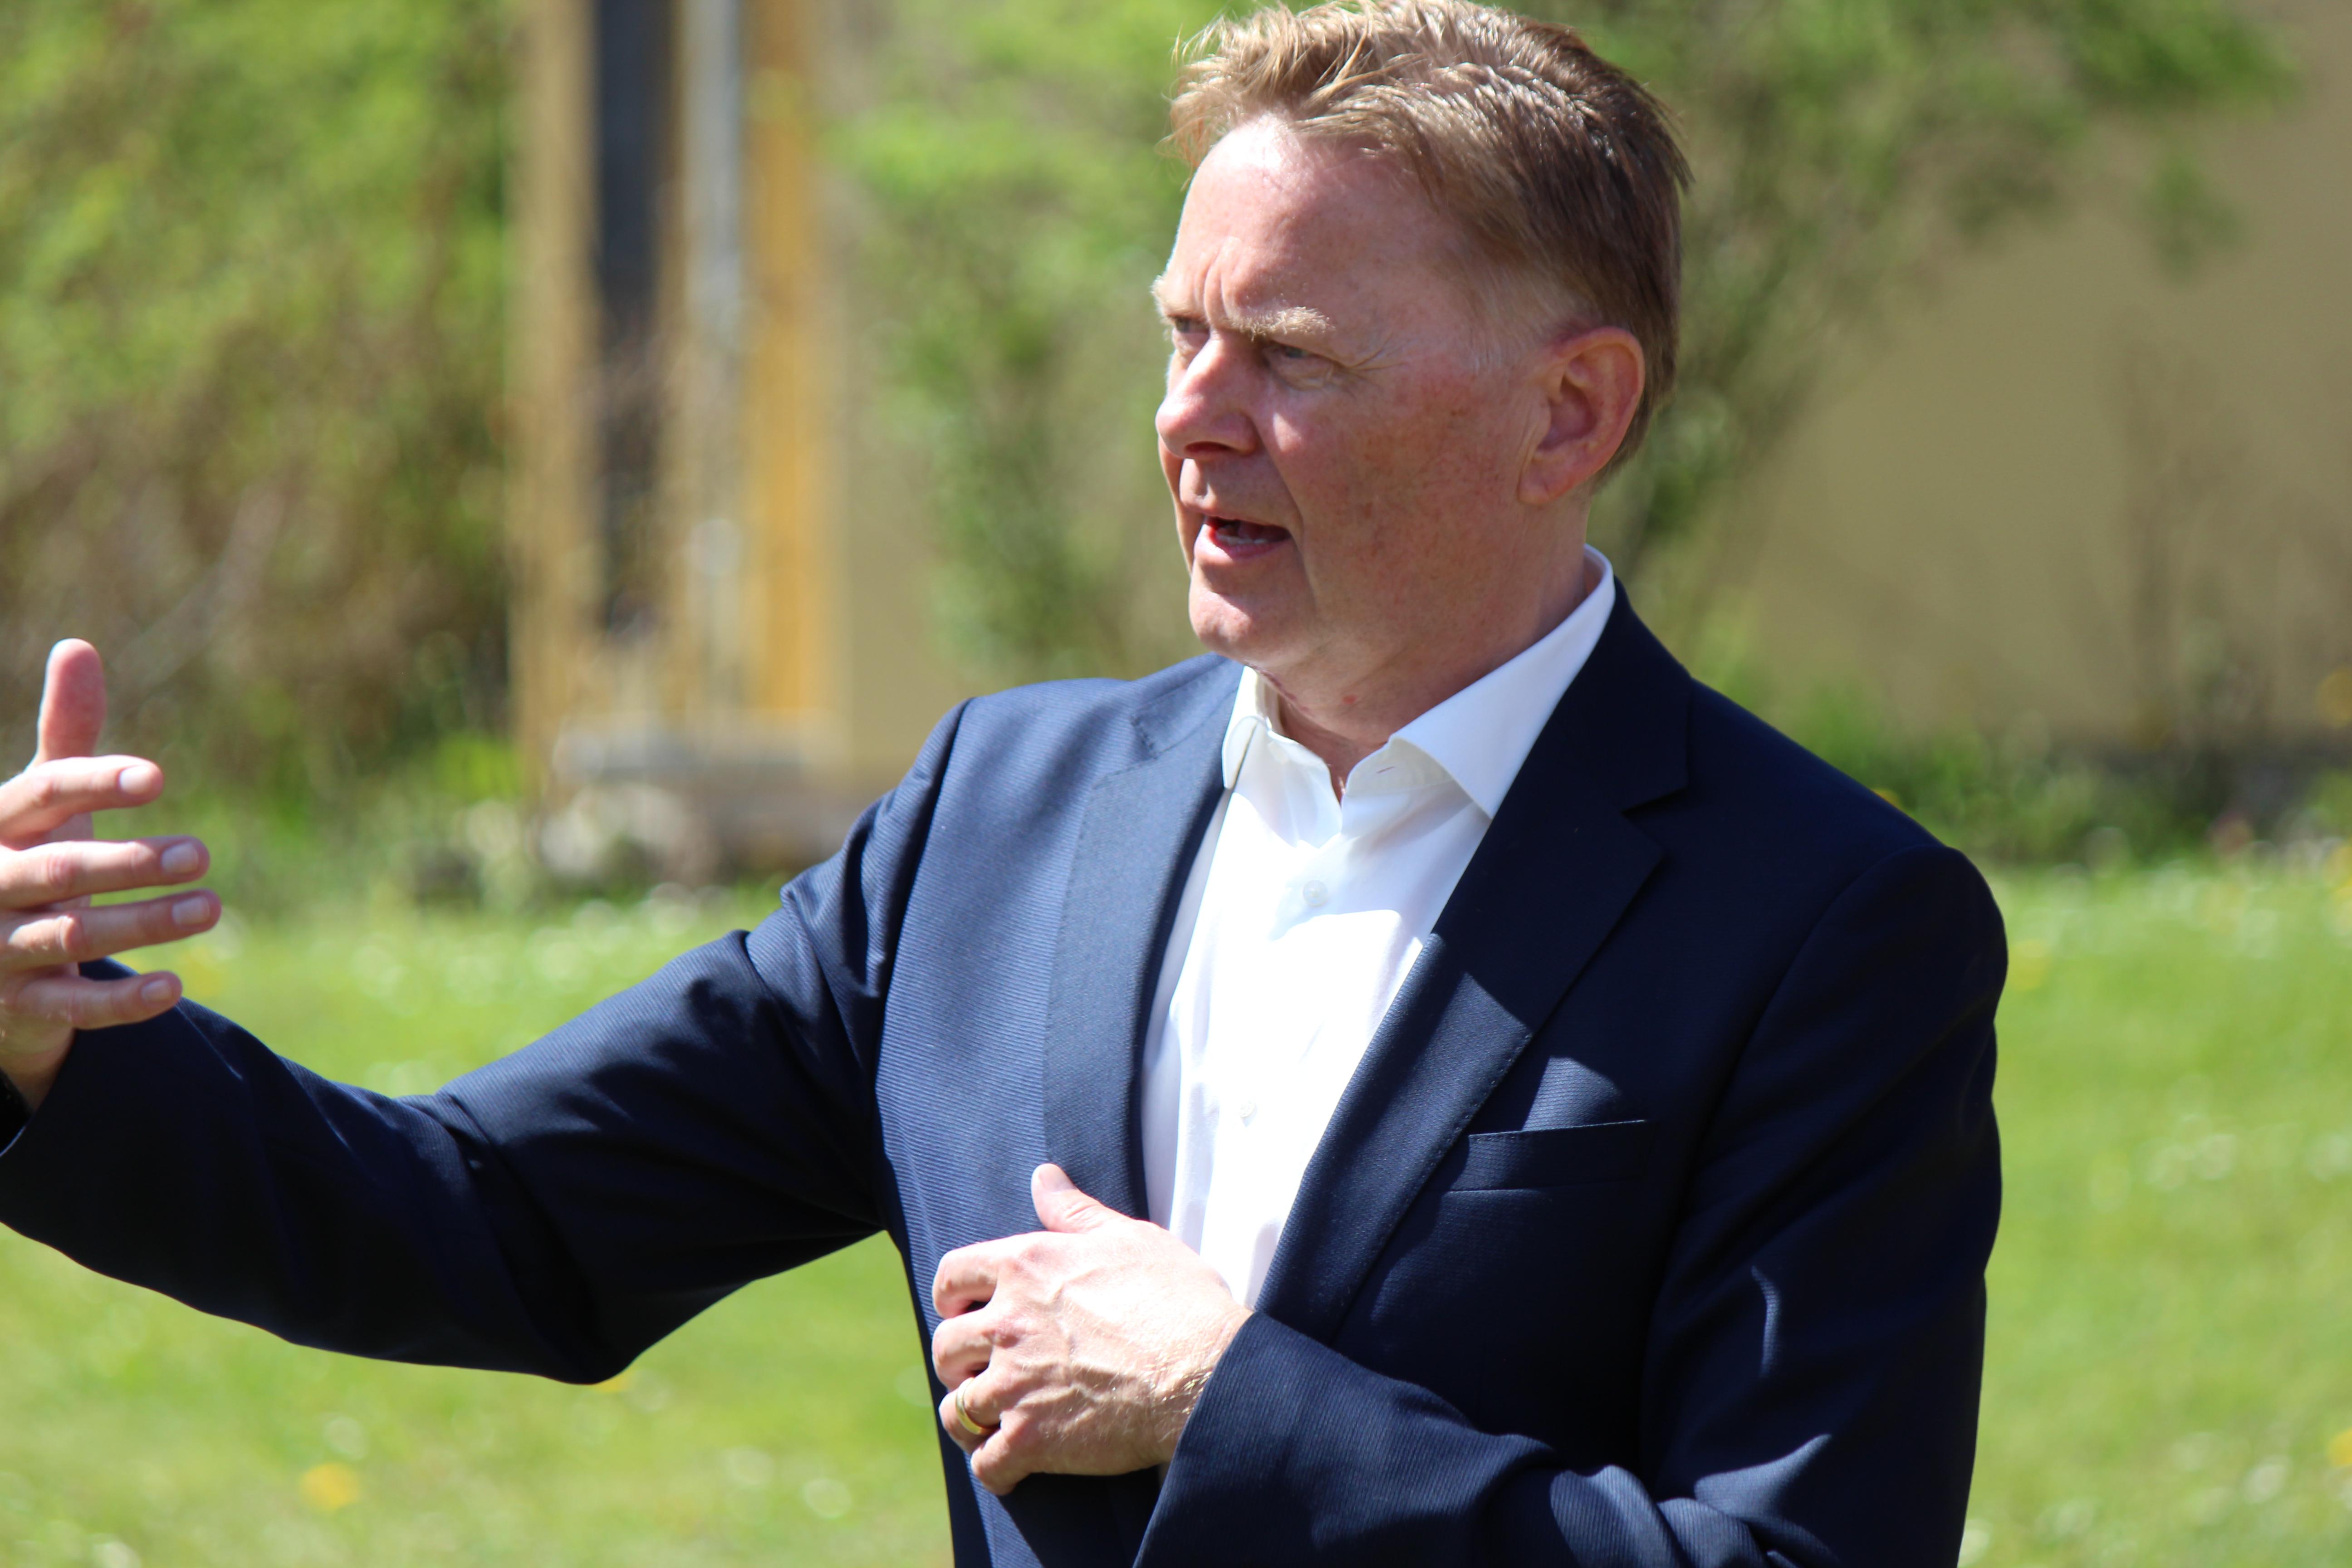 Norbert Dünkel freute sich sichtlich über die Auszeichnung, die coronabedingt nur im kleinen Kreis stattfinden konnte.